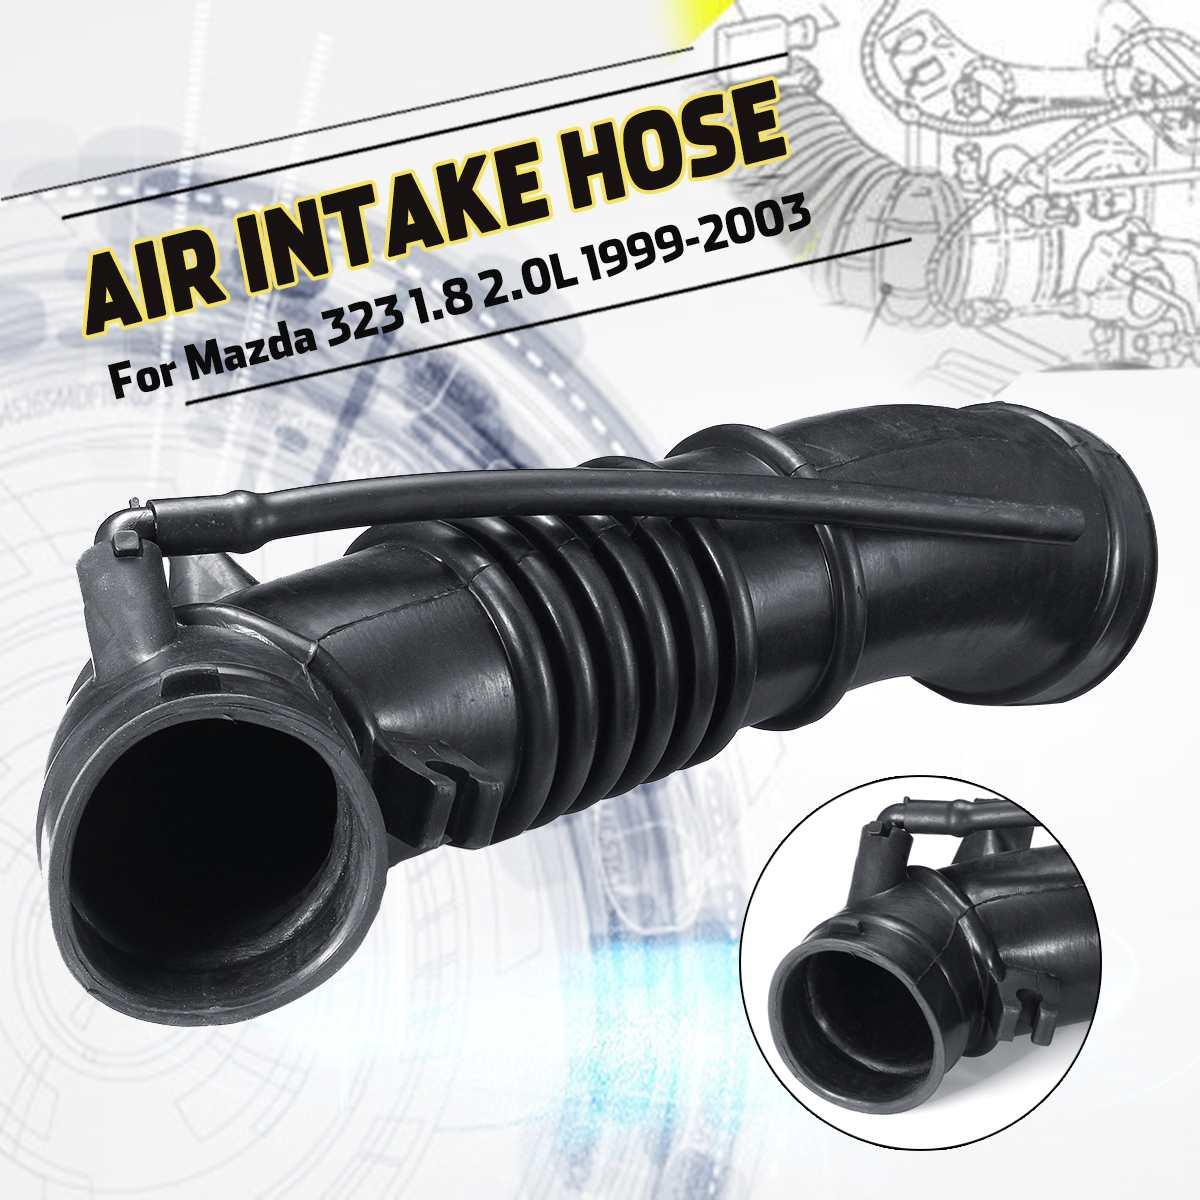 車の吸気マニホールドホースチューブパイプ FP47-13-220A マツダプレマシー 323 1.8 2.0L 1999-2003 アスティ BJ のためフォードレーザー KN KQ